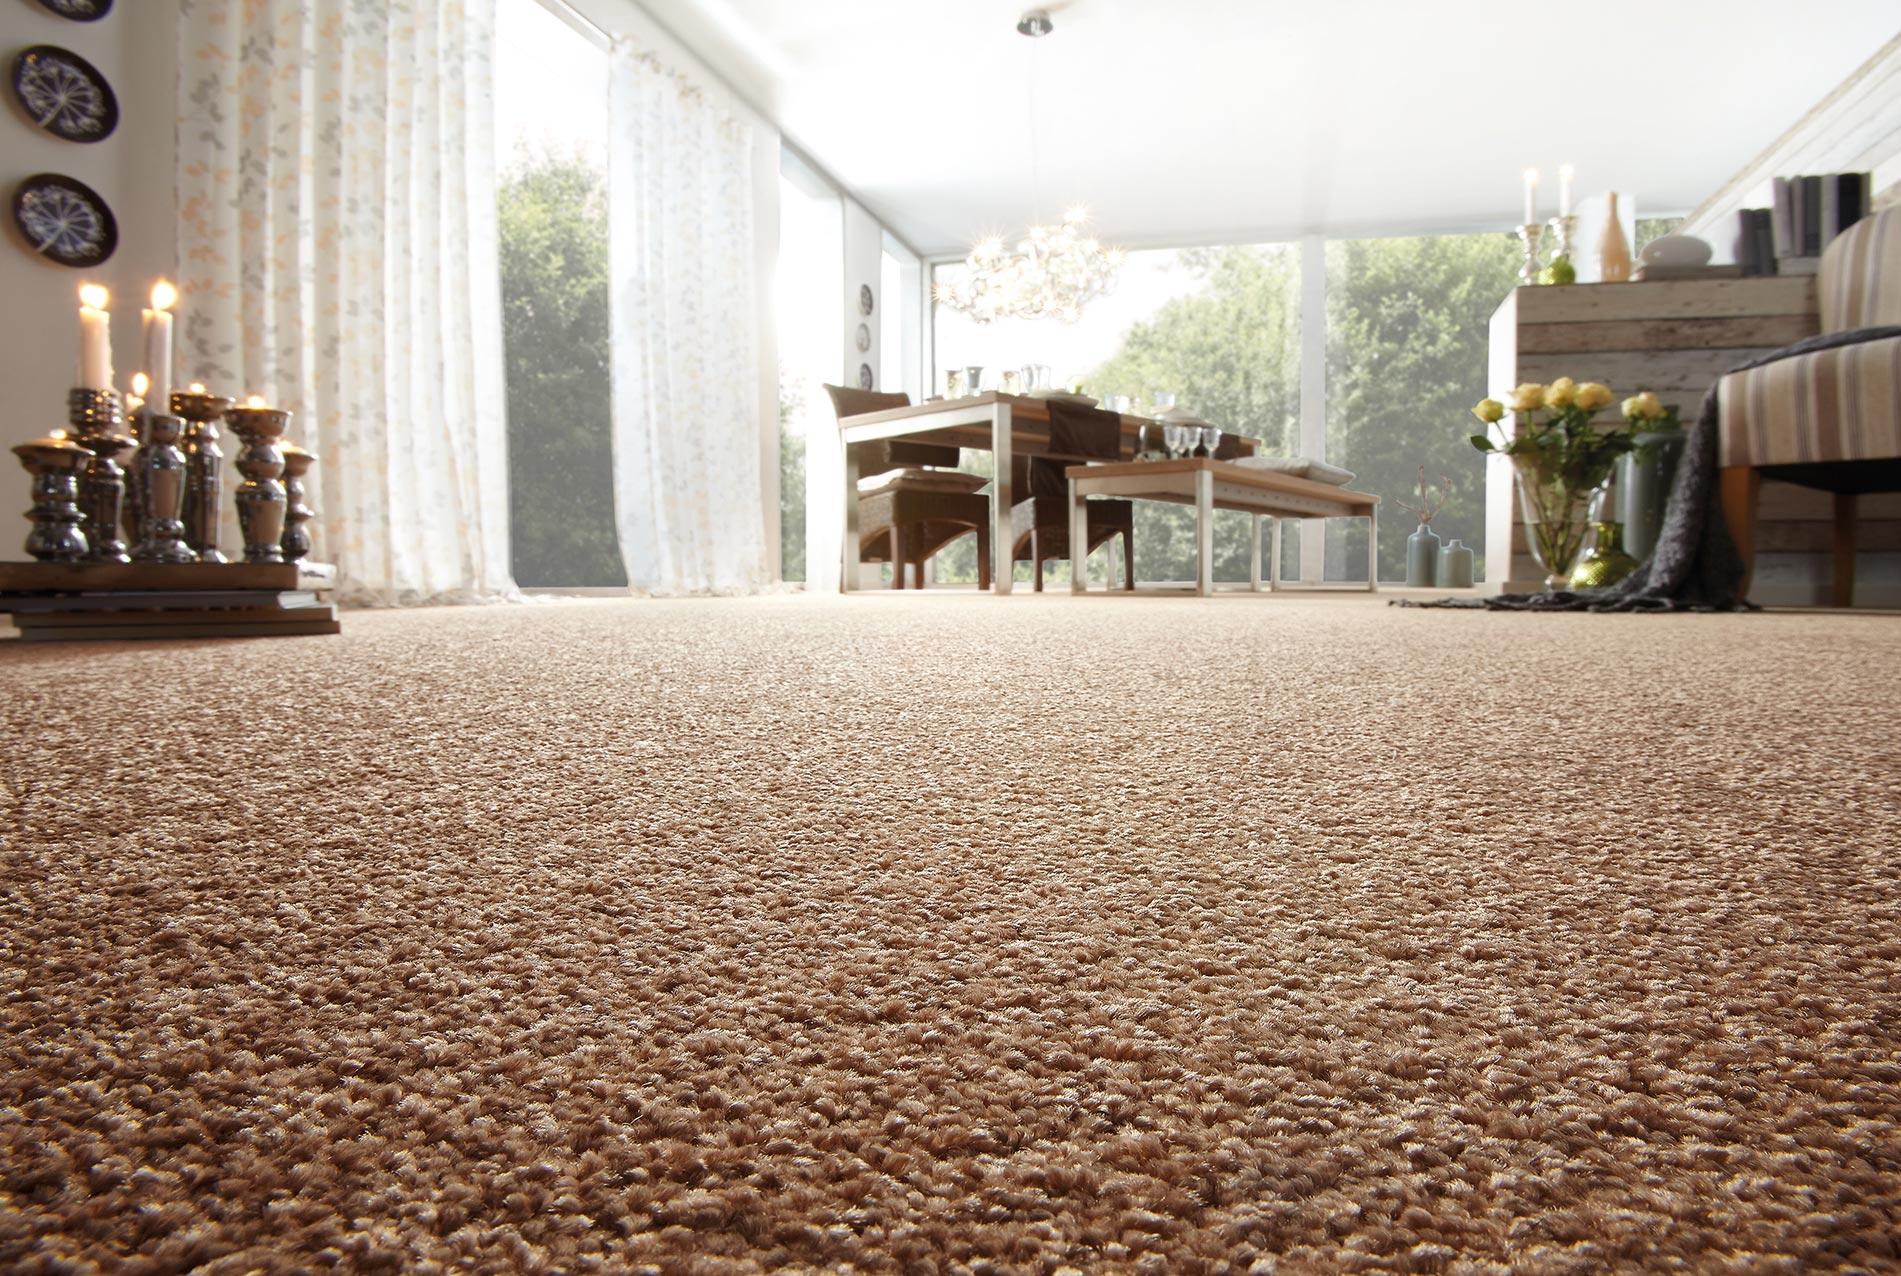 Teppich for Raumgestaltung lorenz